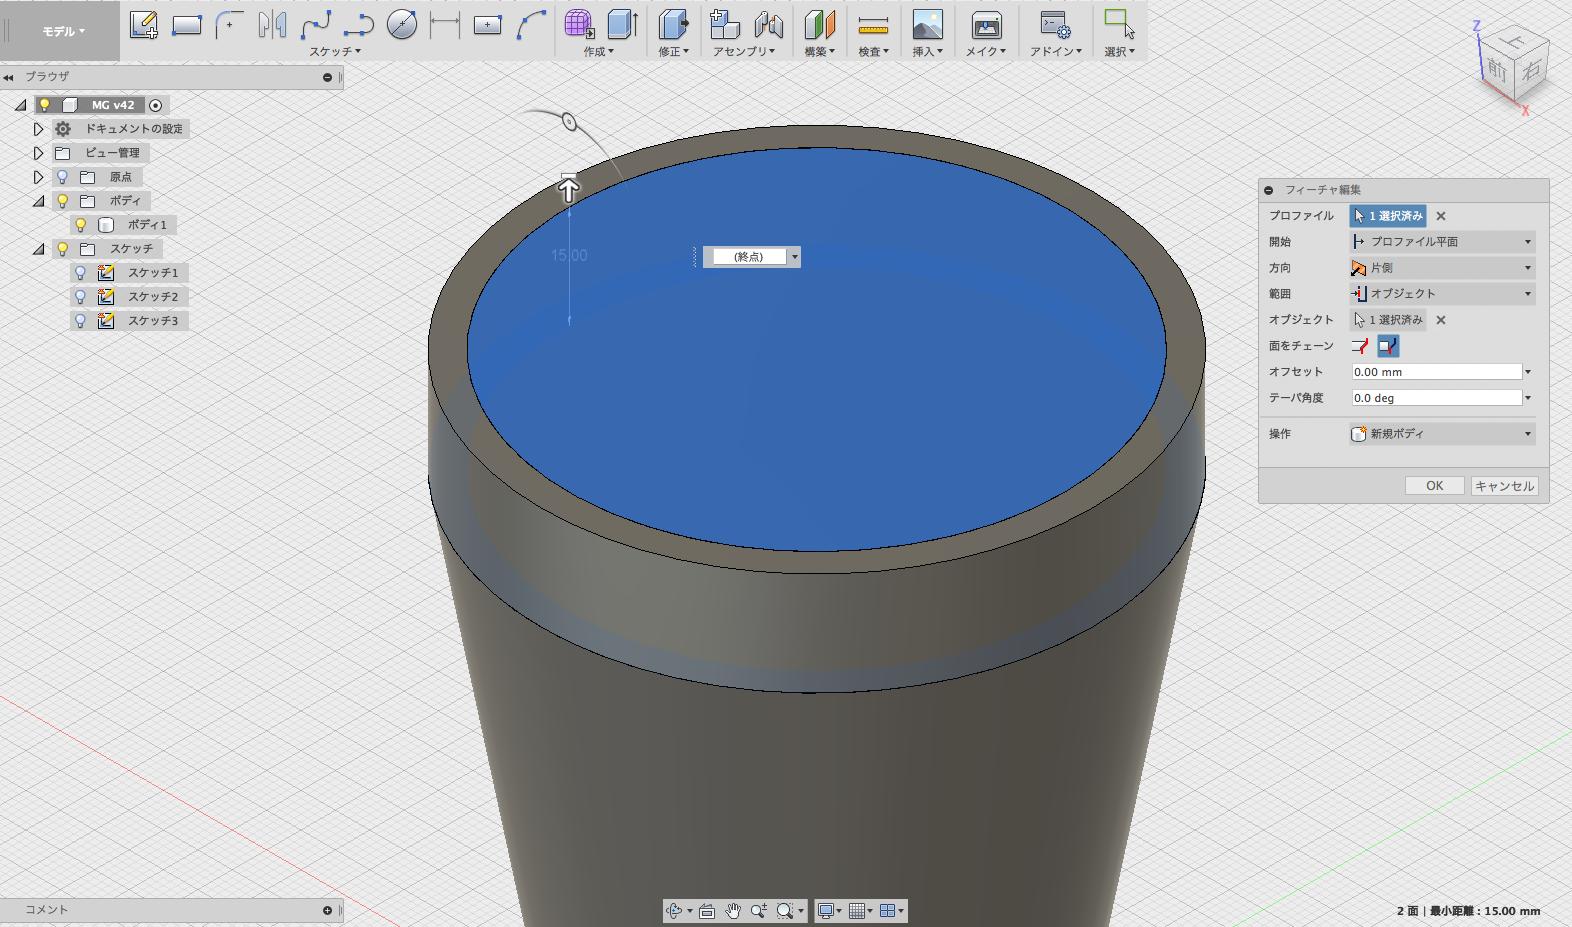 押し出しでカップのホルダー部分を作る